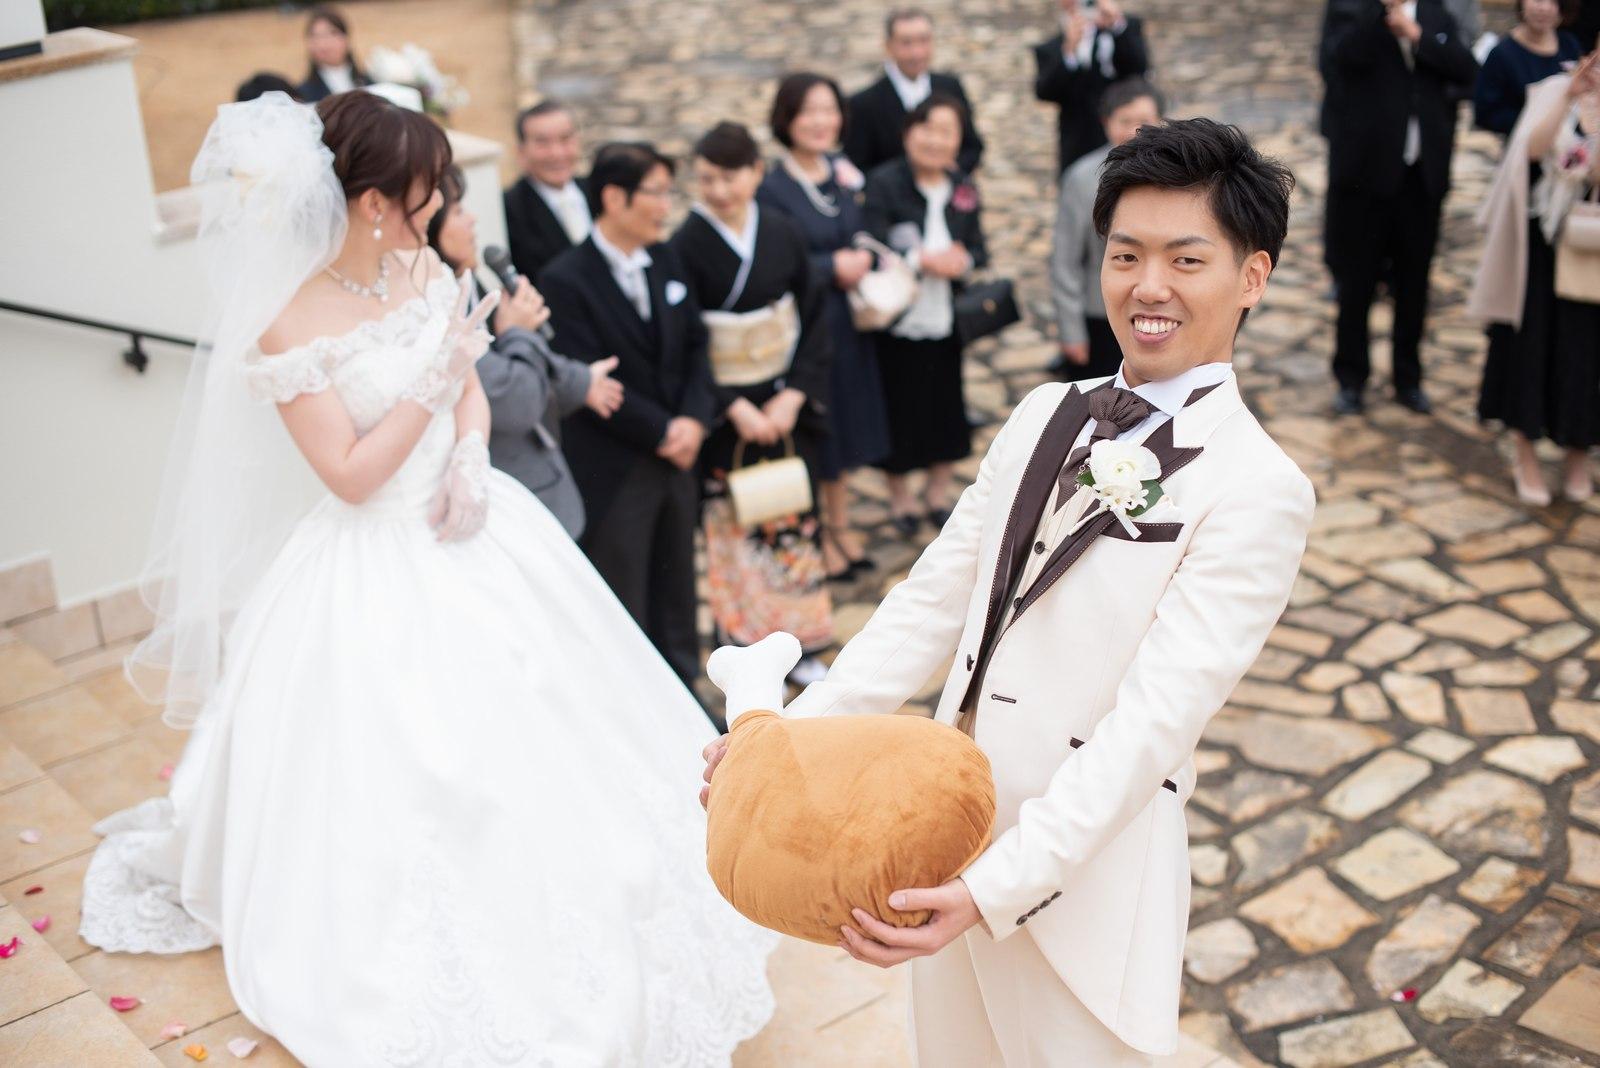 徳島市の結婚式場ブランアンジュのアフターセレモニーでお肉のトスを行う前の新郎